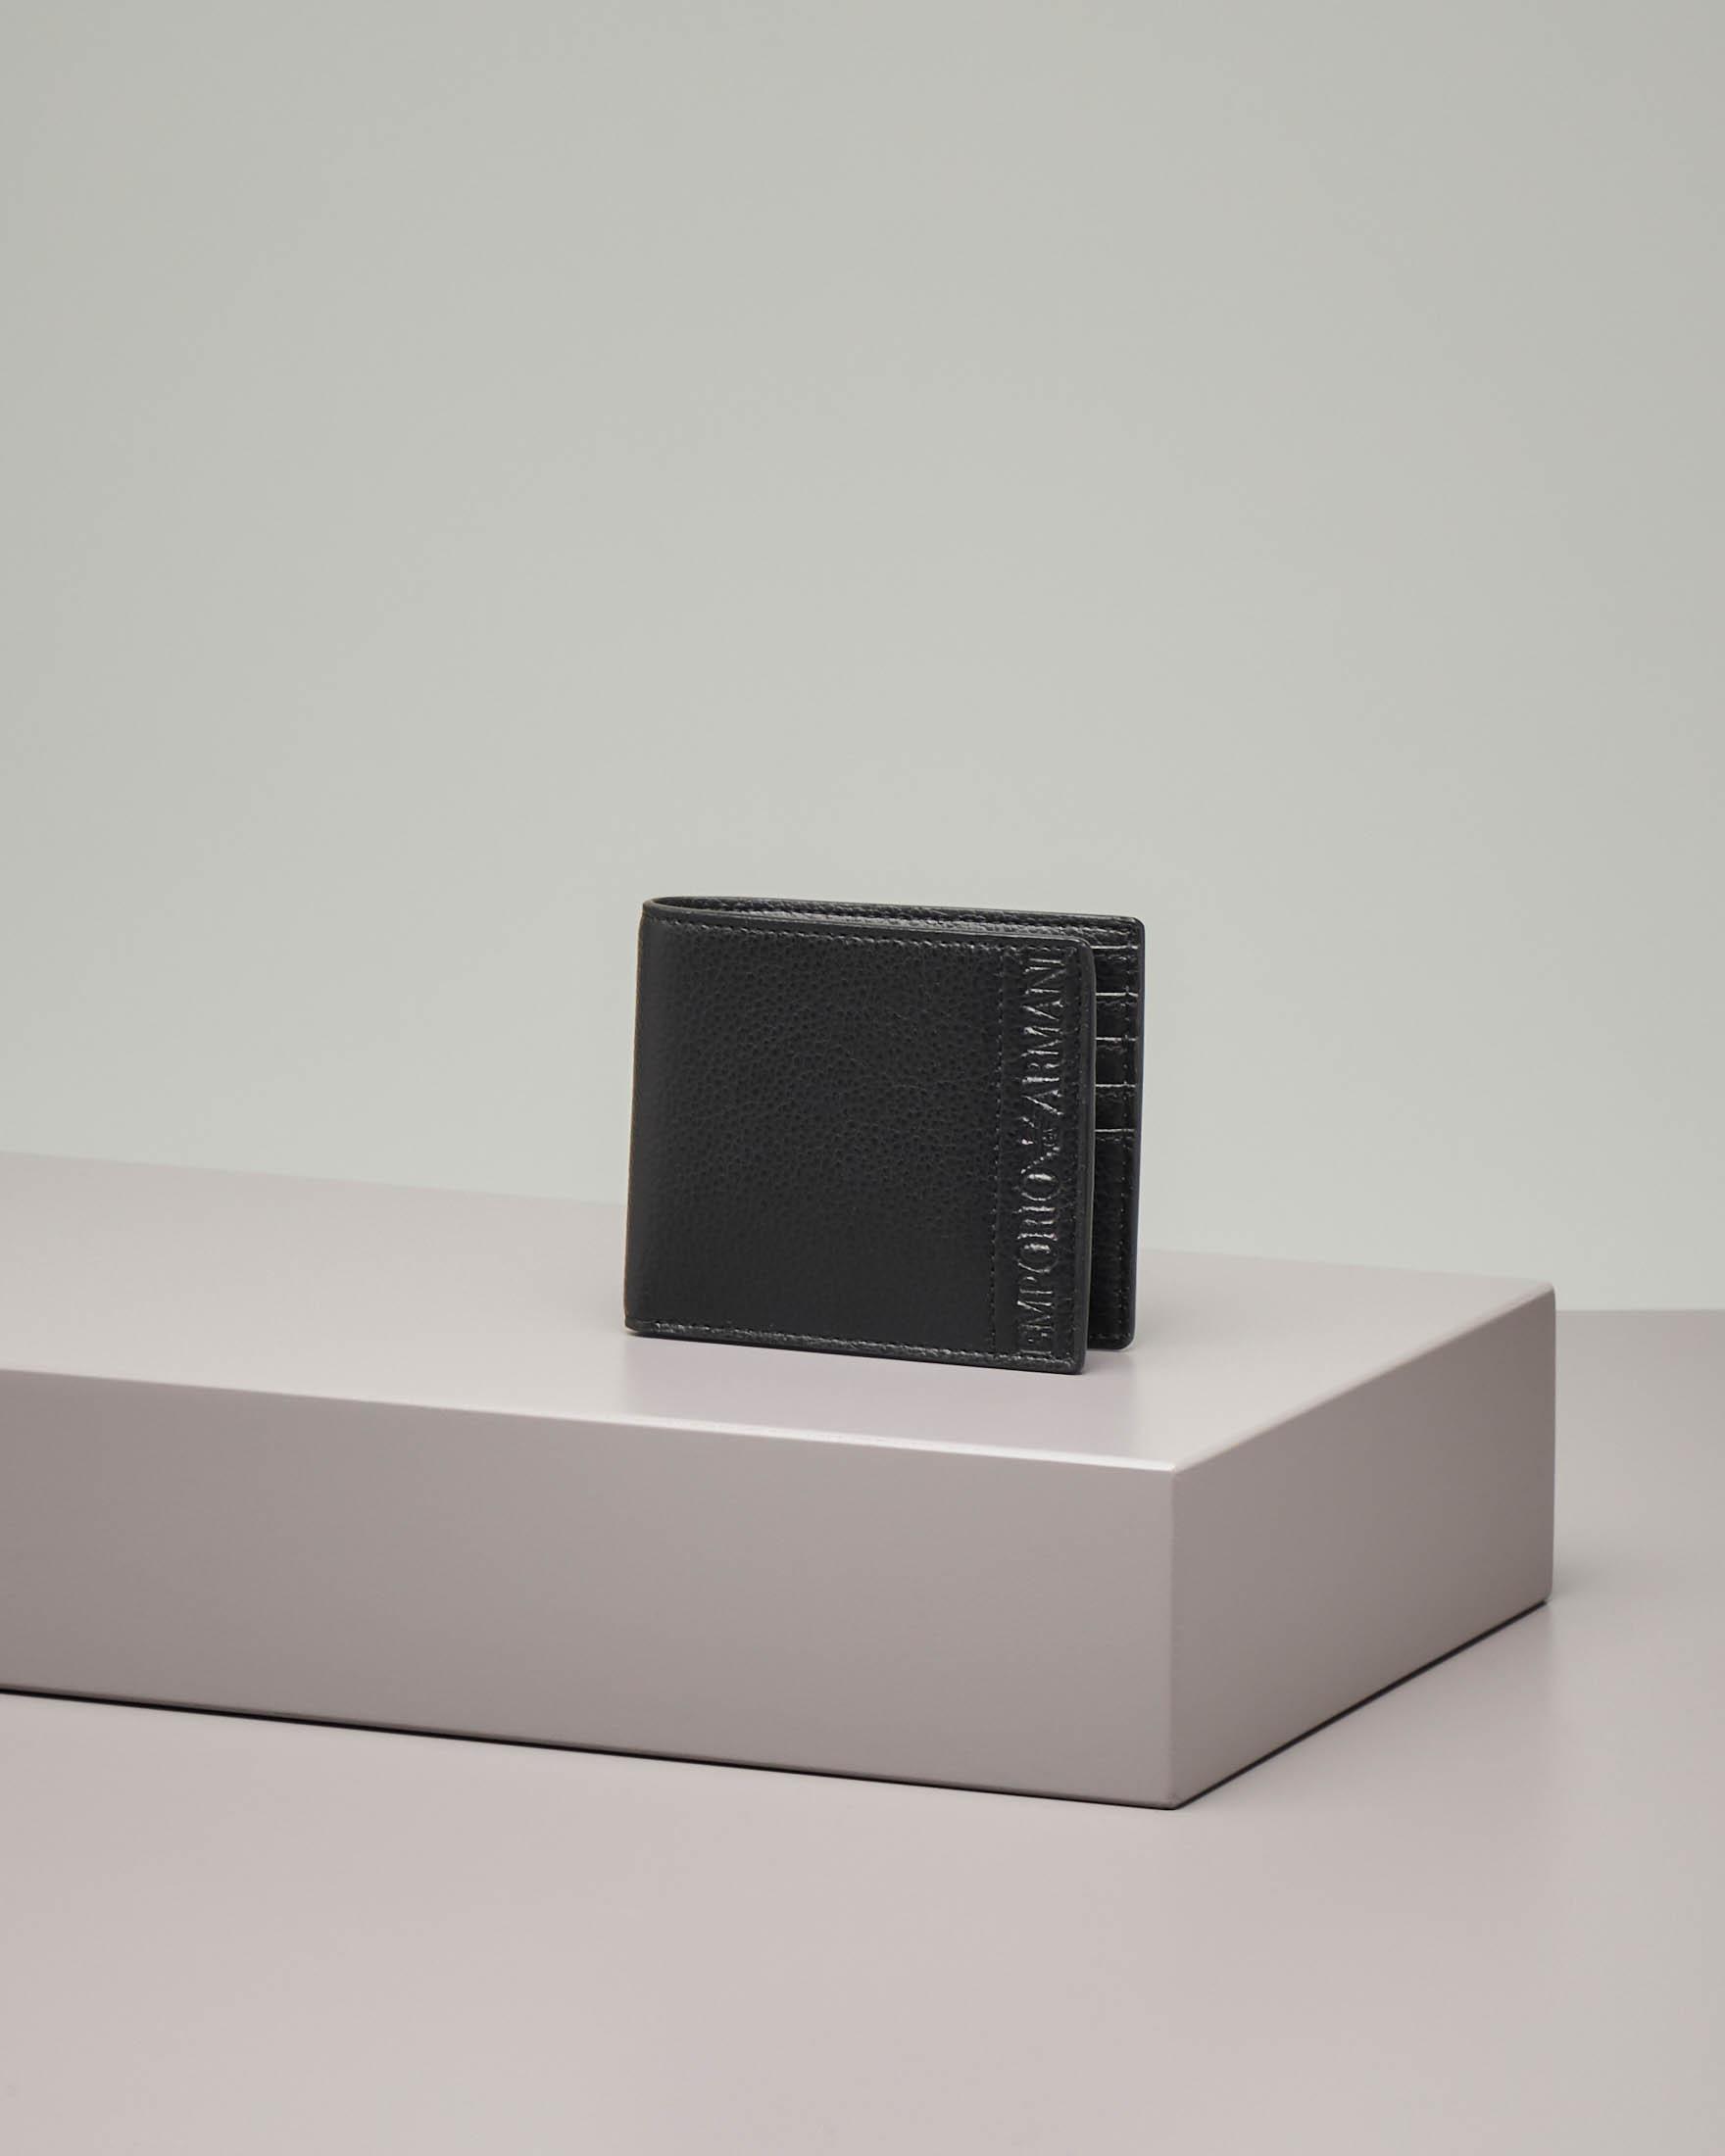 Portafoglio nero in pelle martellata con logo impresso